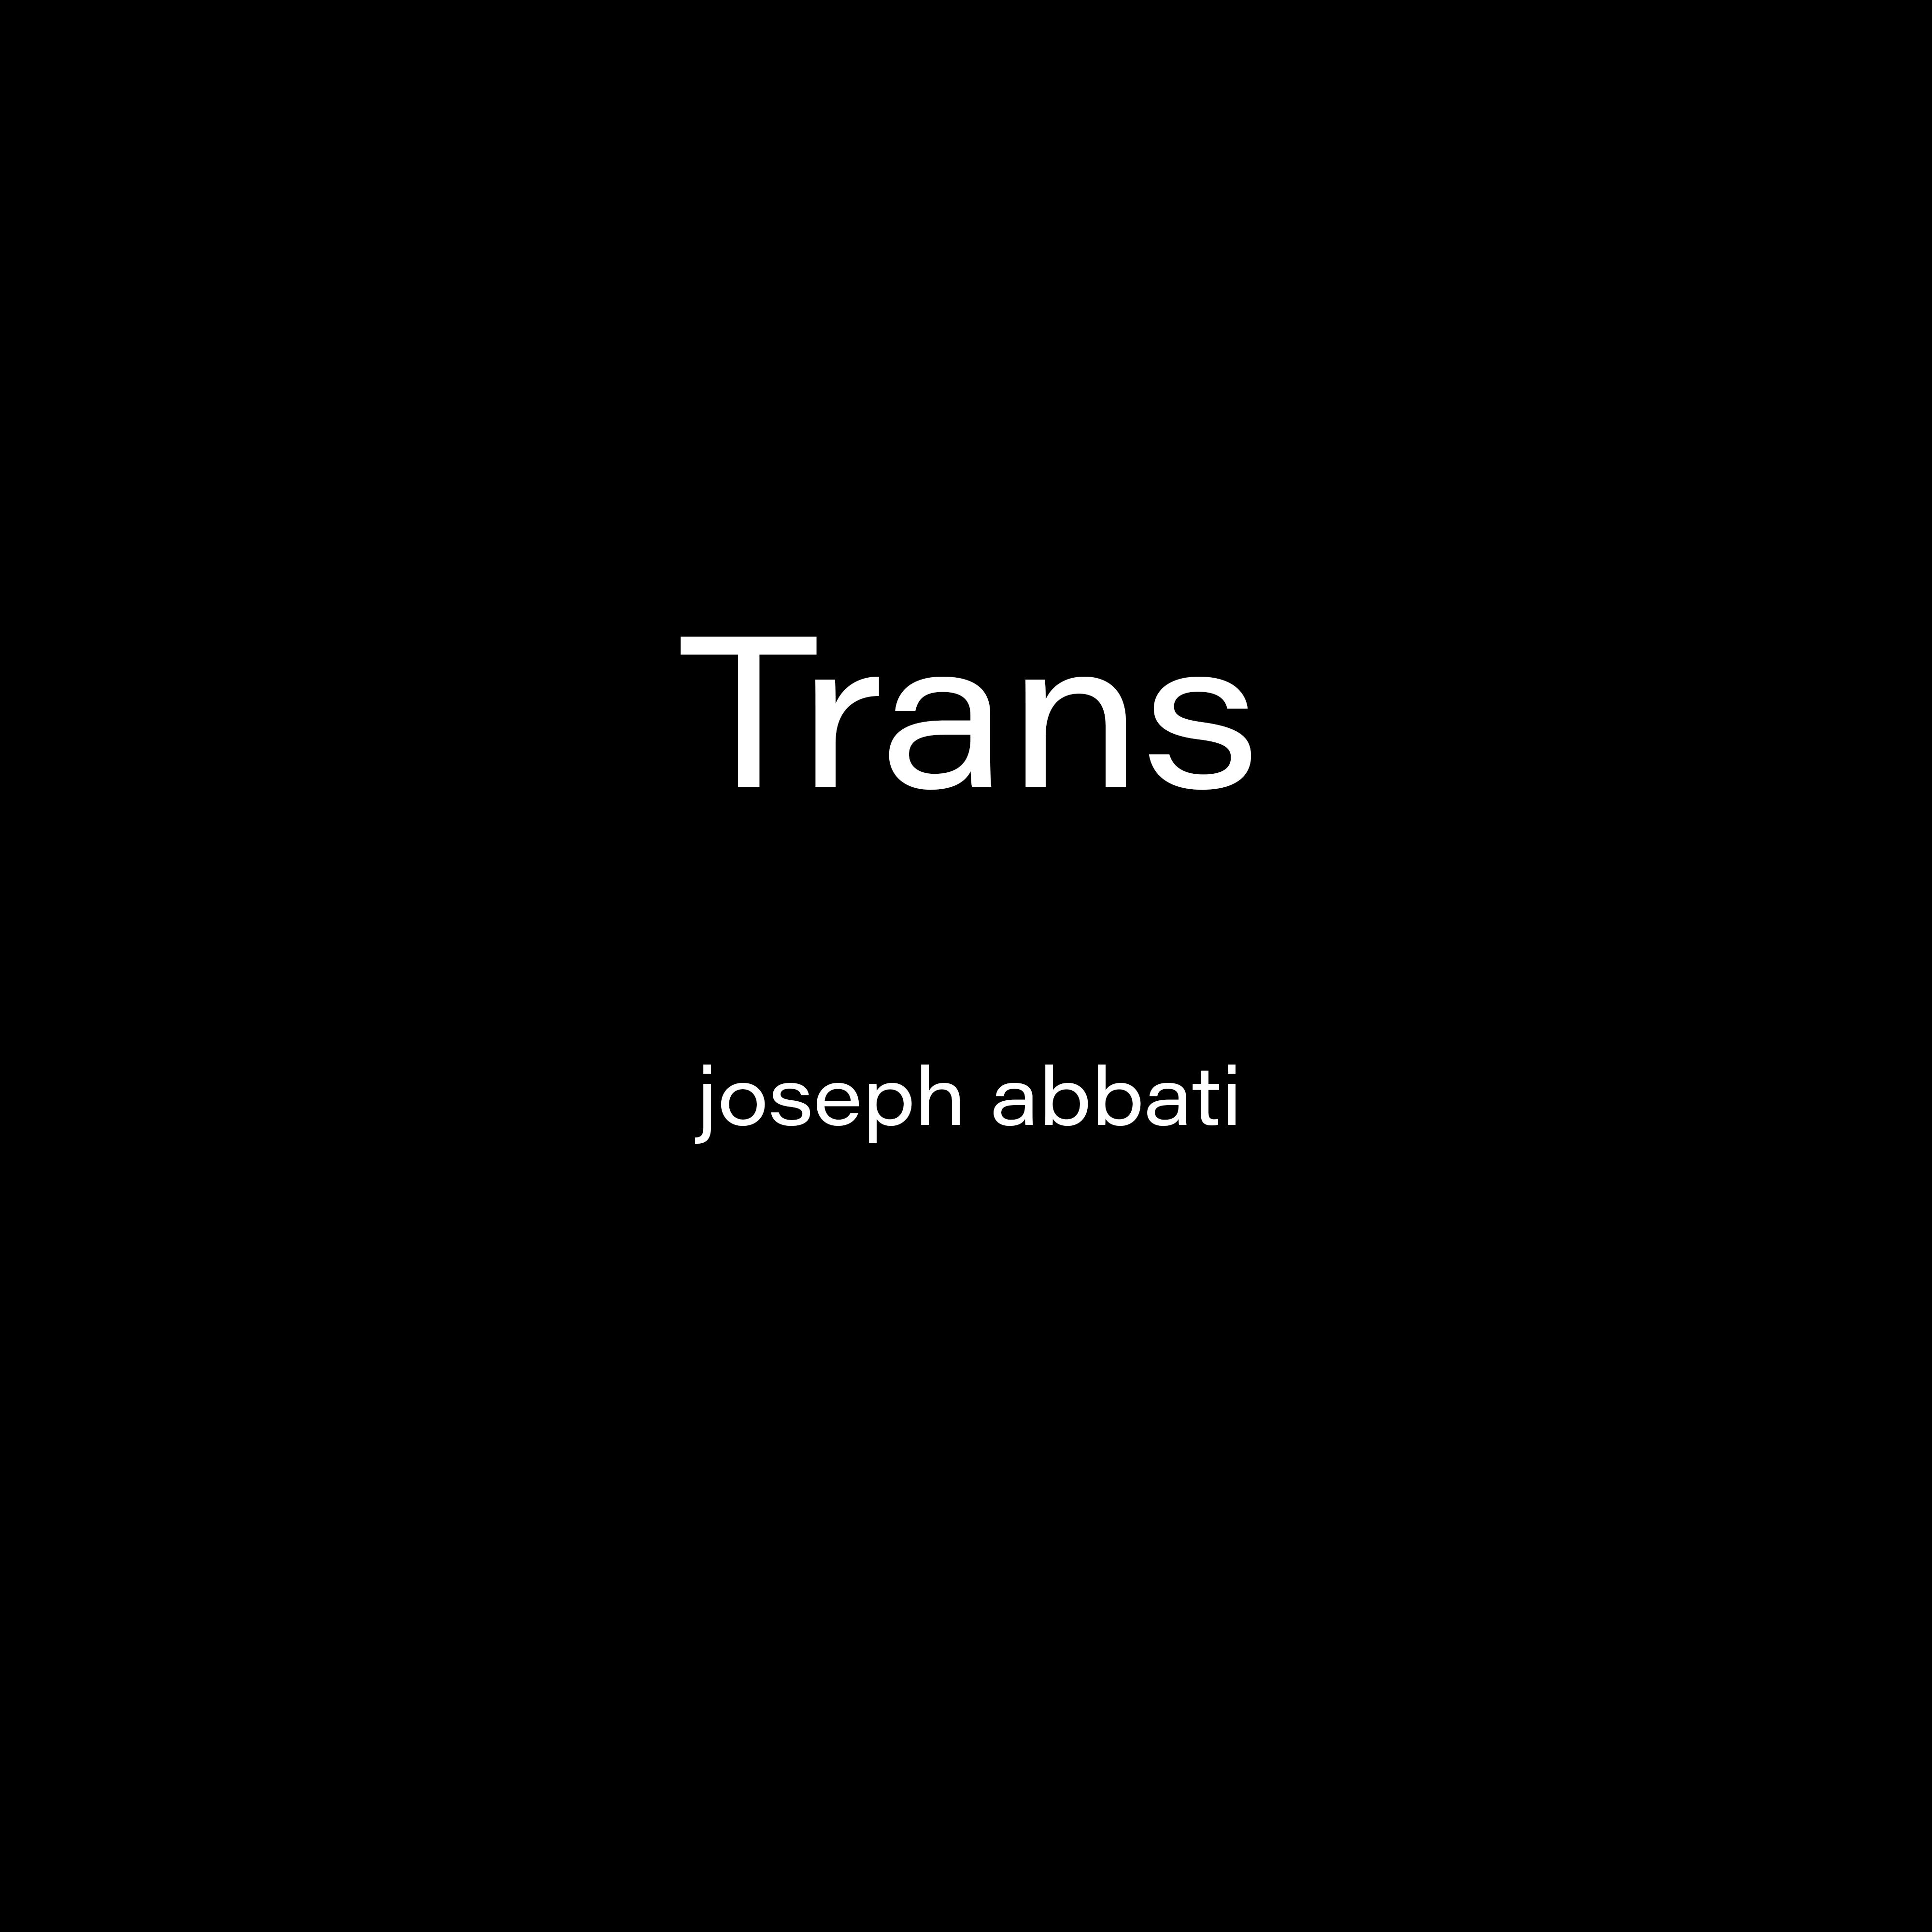 Trans_title